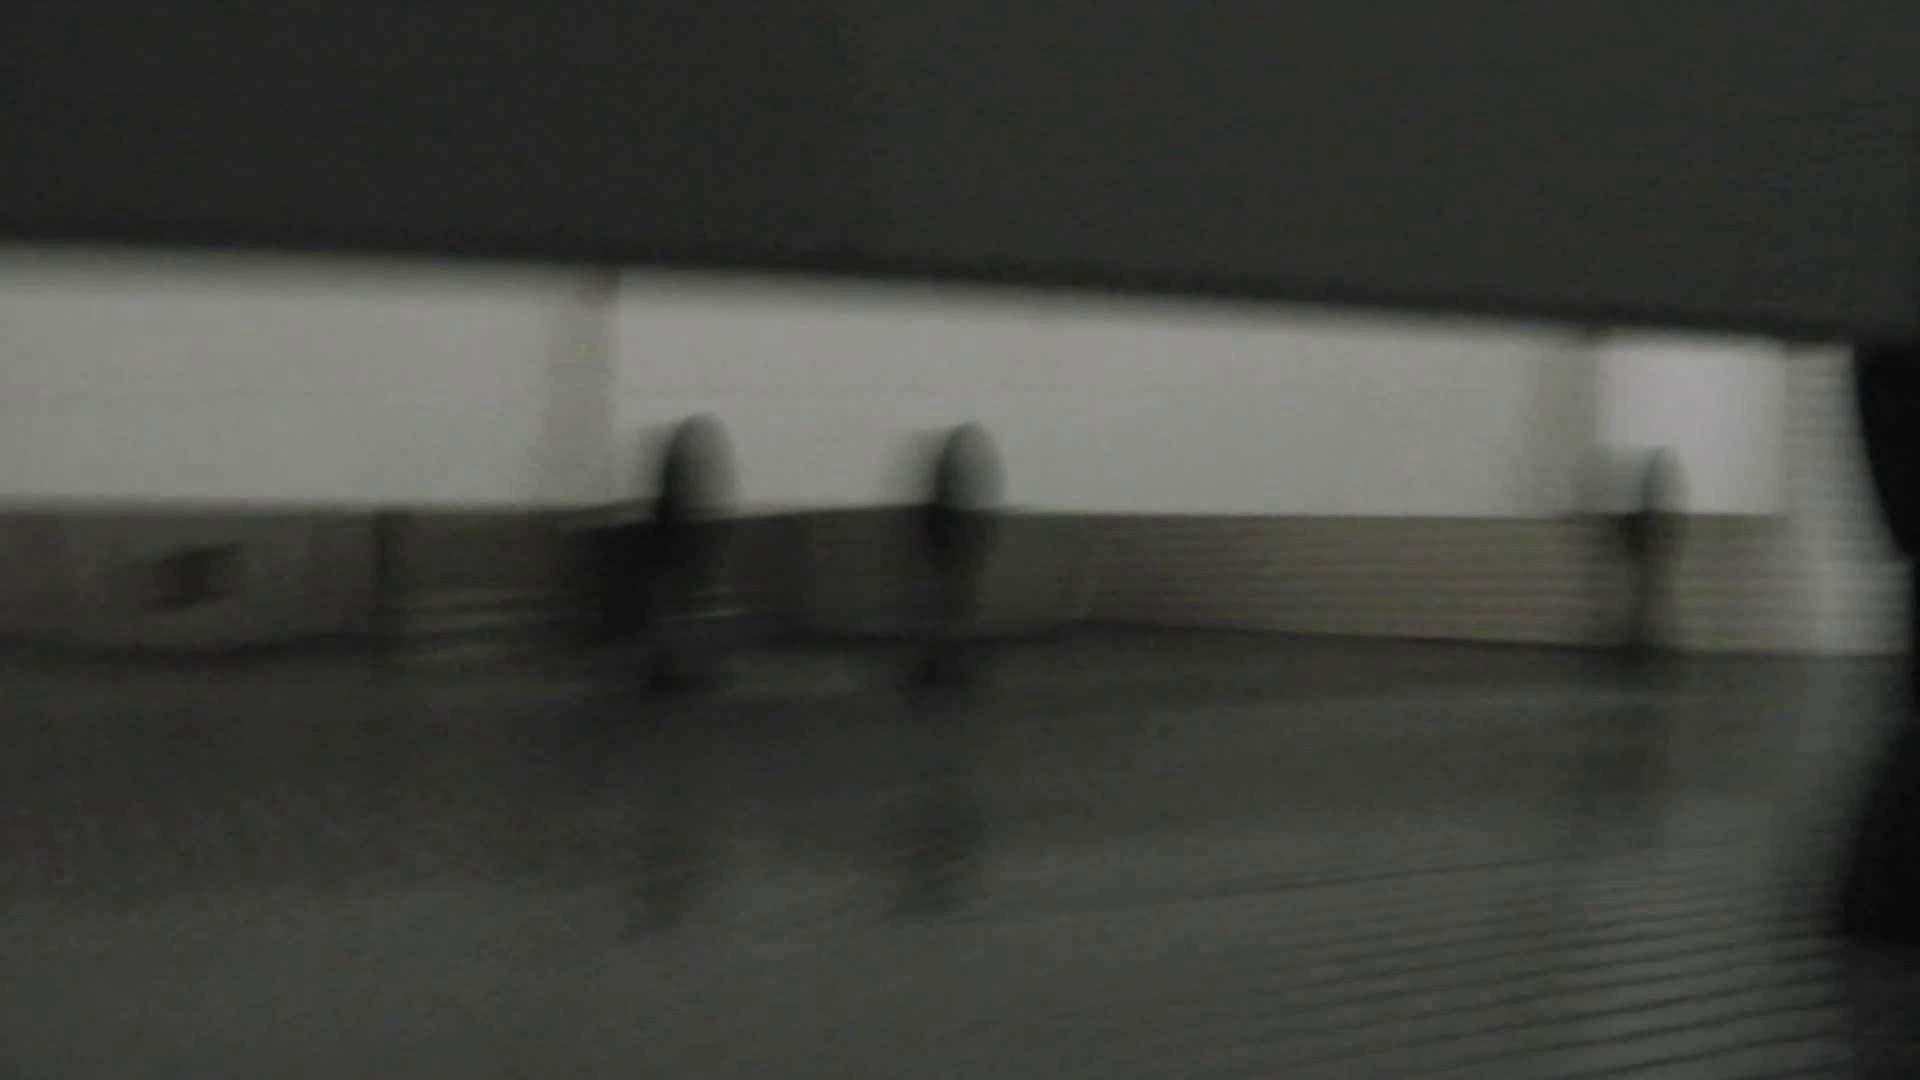 【日本成人用品展览会。超模如云】vol.01 着替|空爆 潜入 覗きワレメ動画紹介 66連発 5